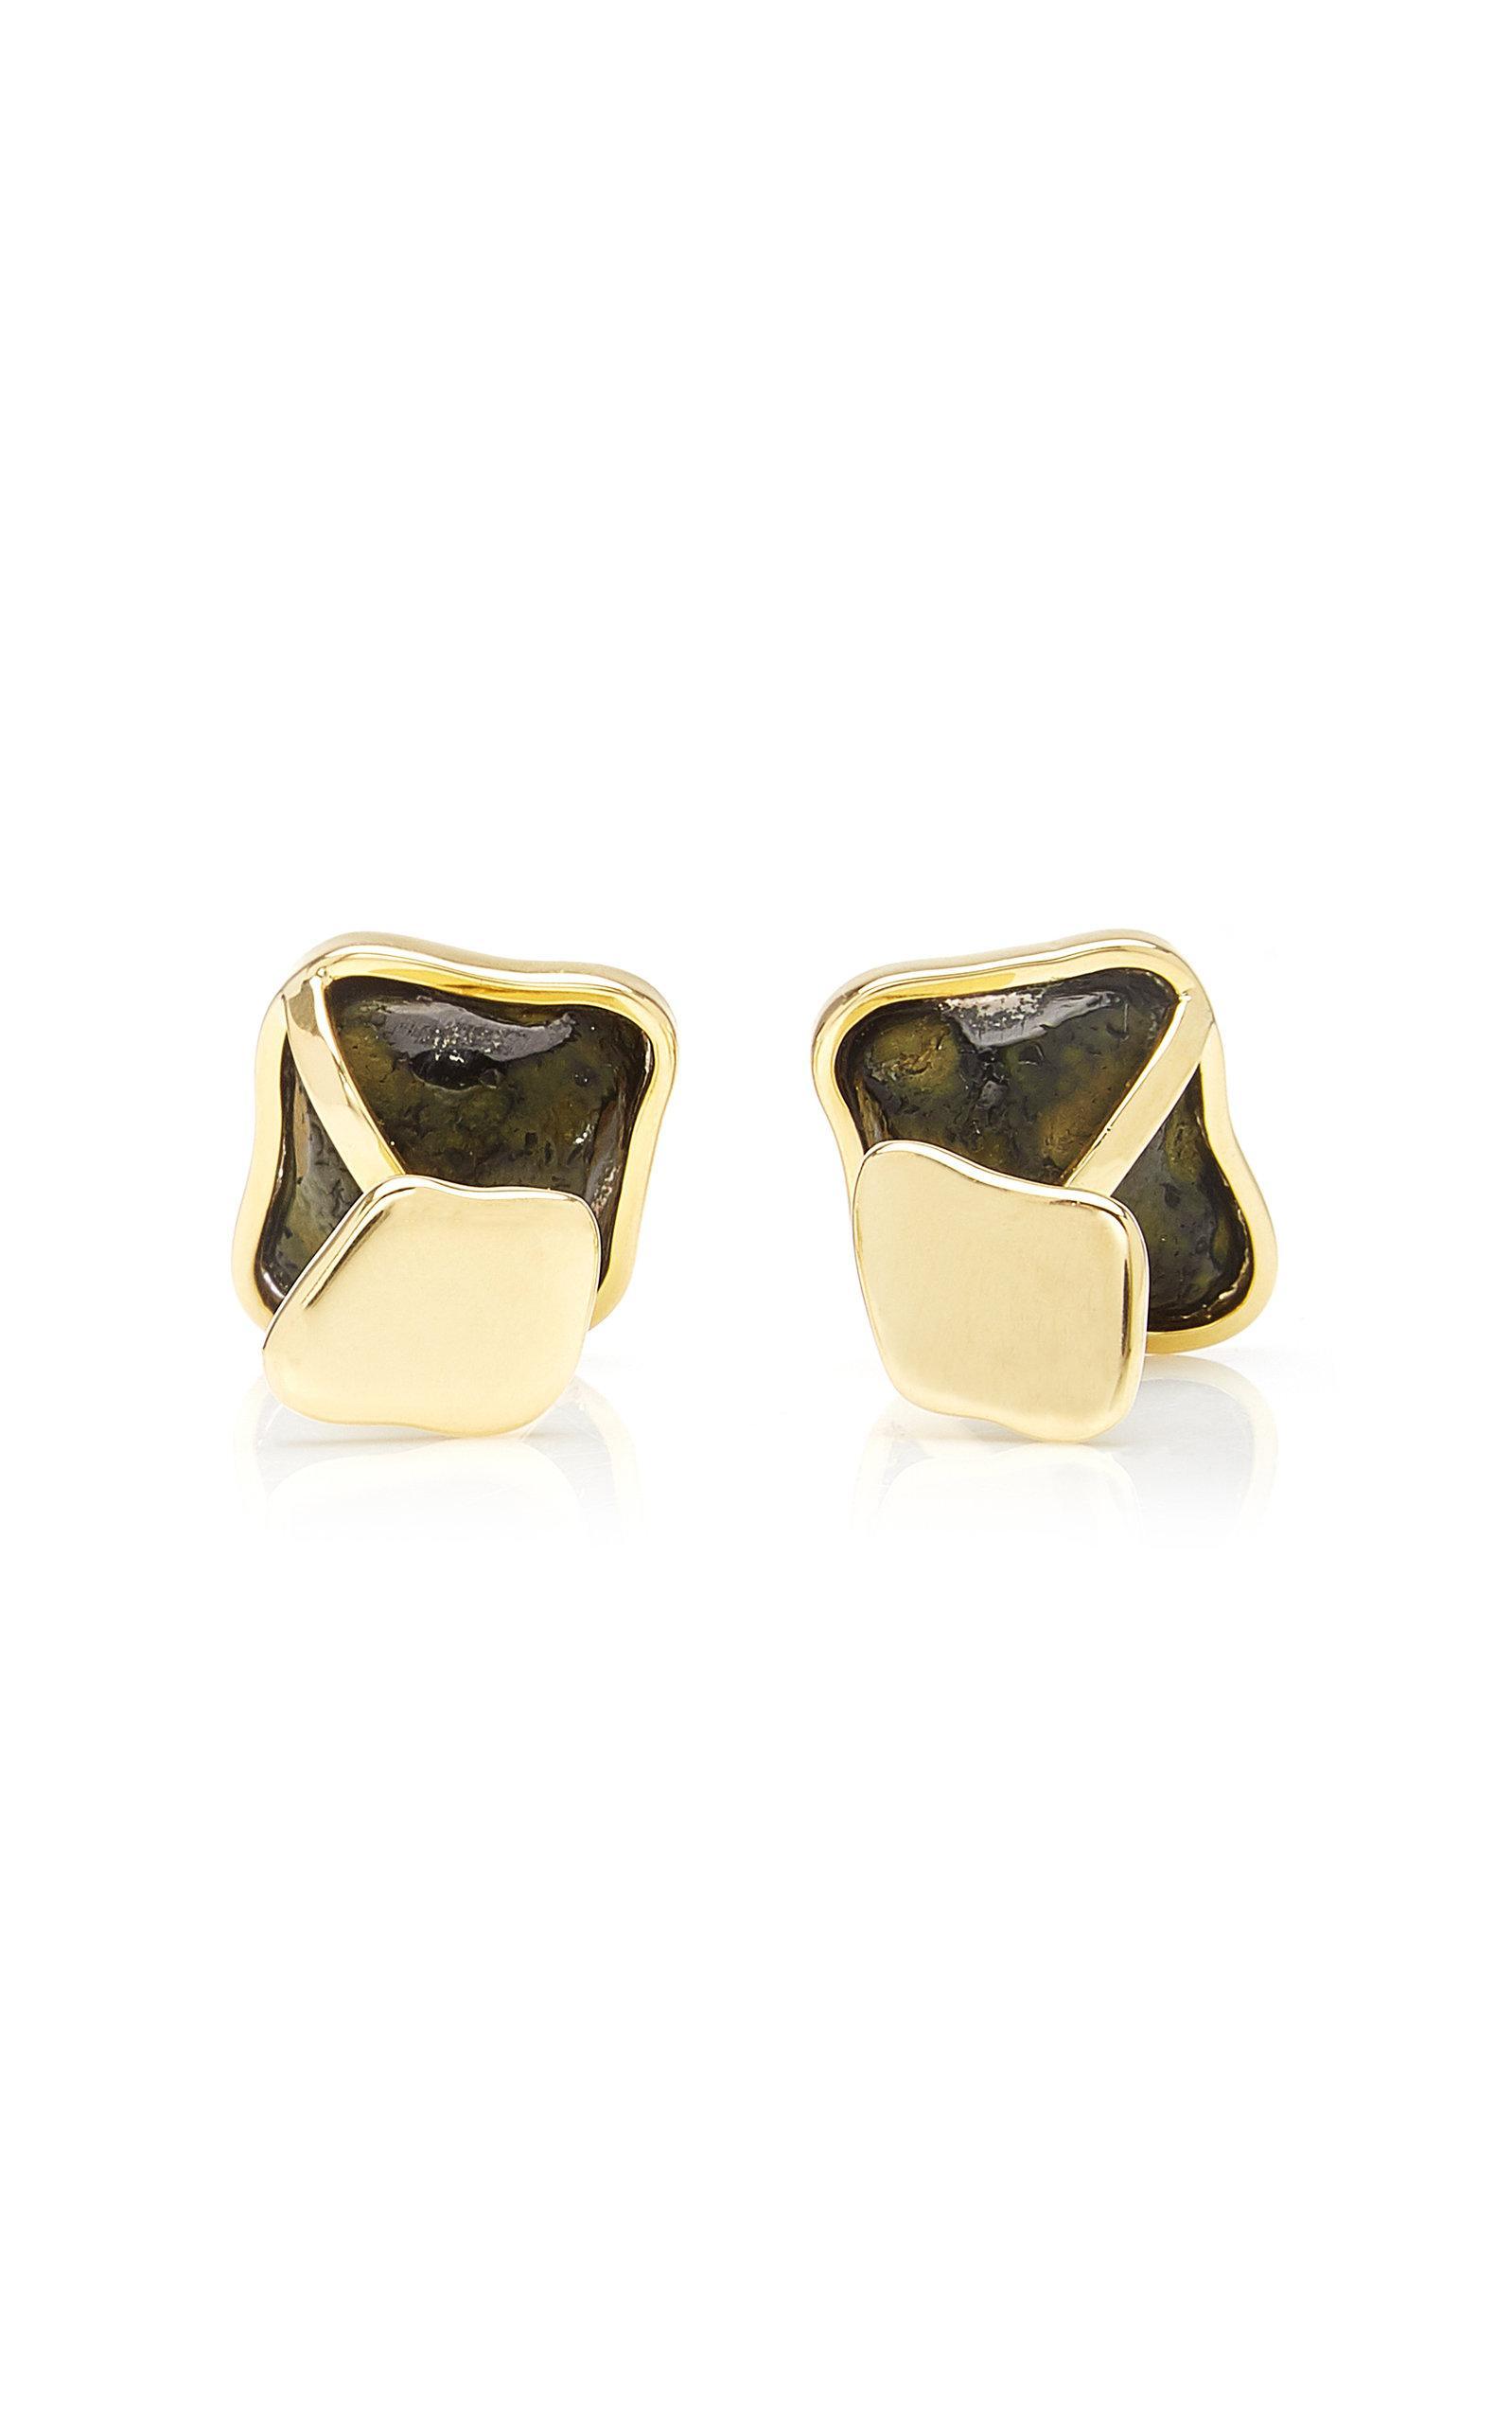 18KT Gold Vermeil Over Sterling Silver Stud Design Cufflinks